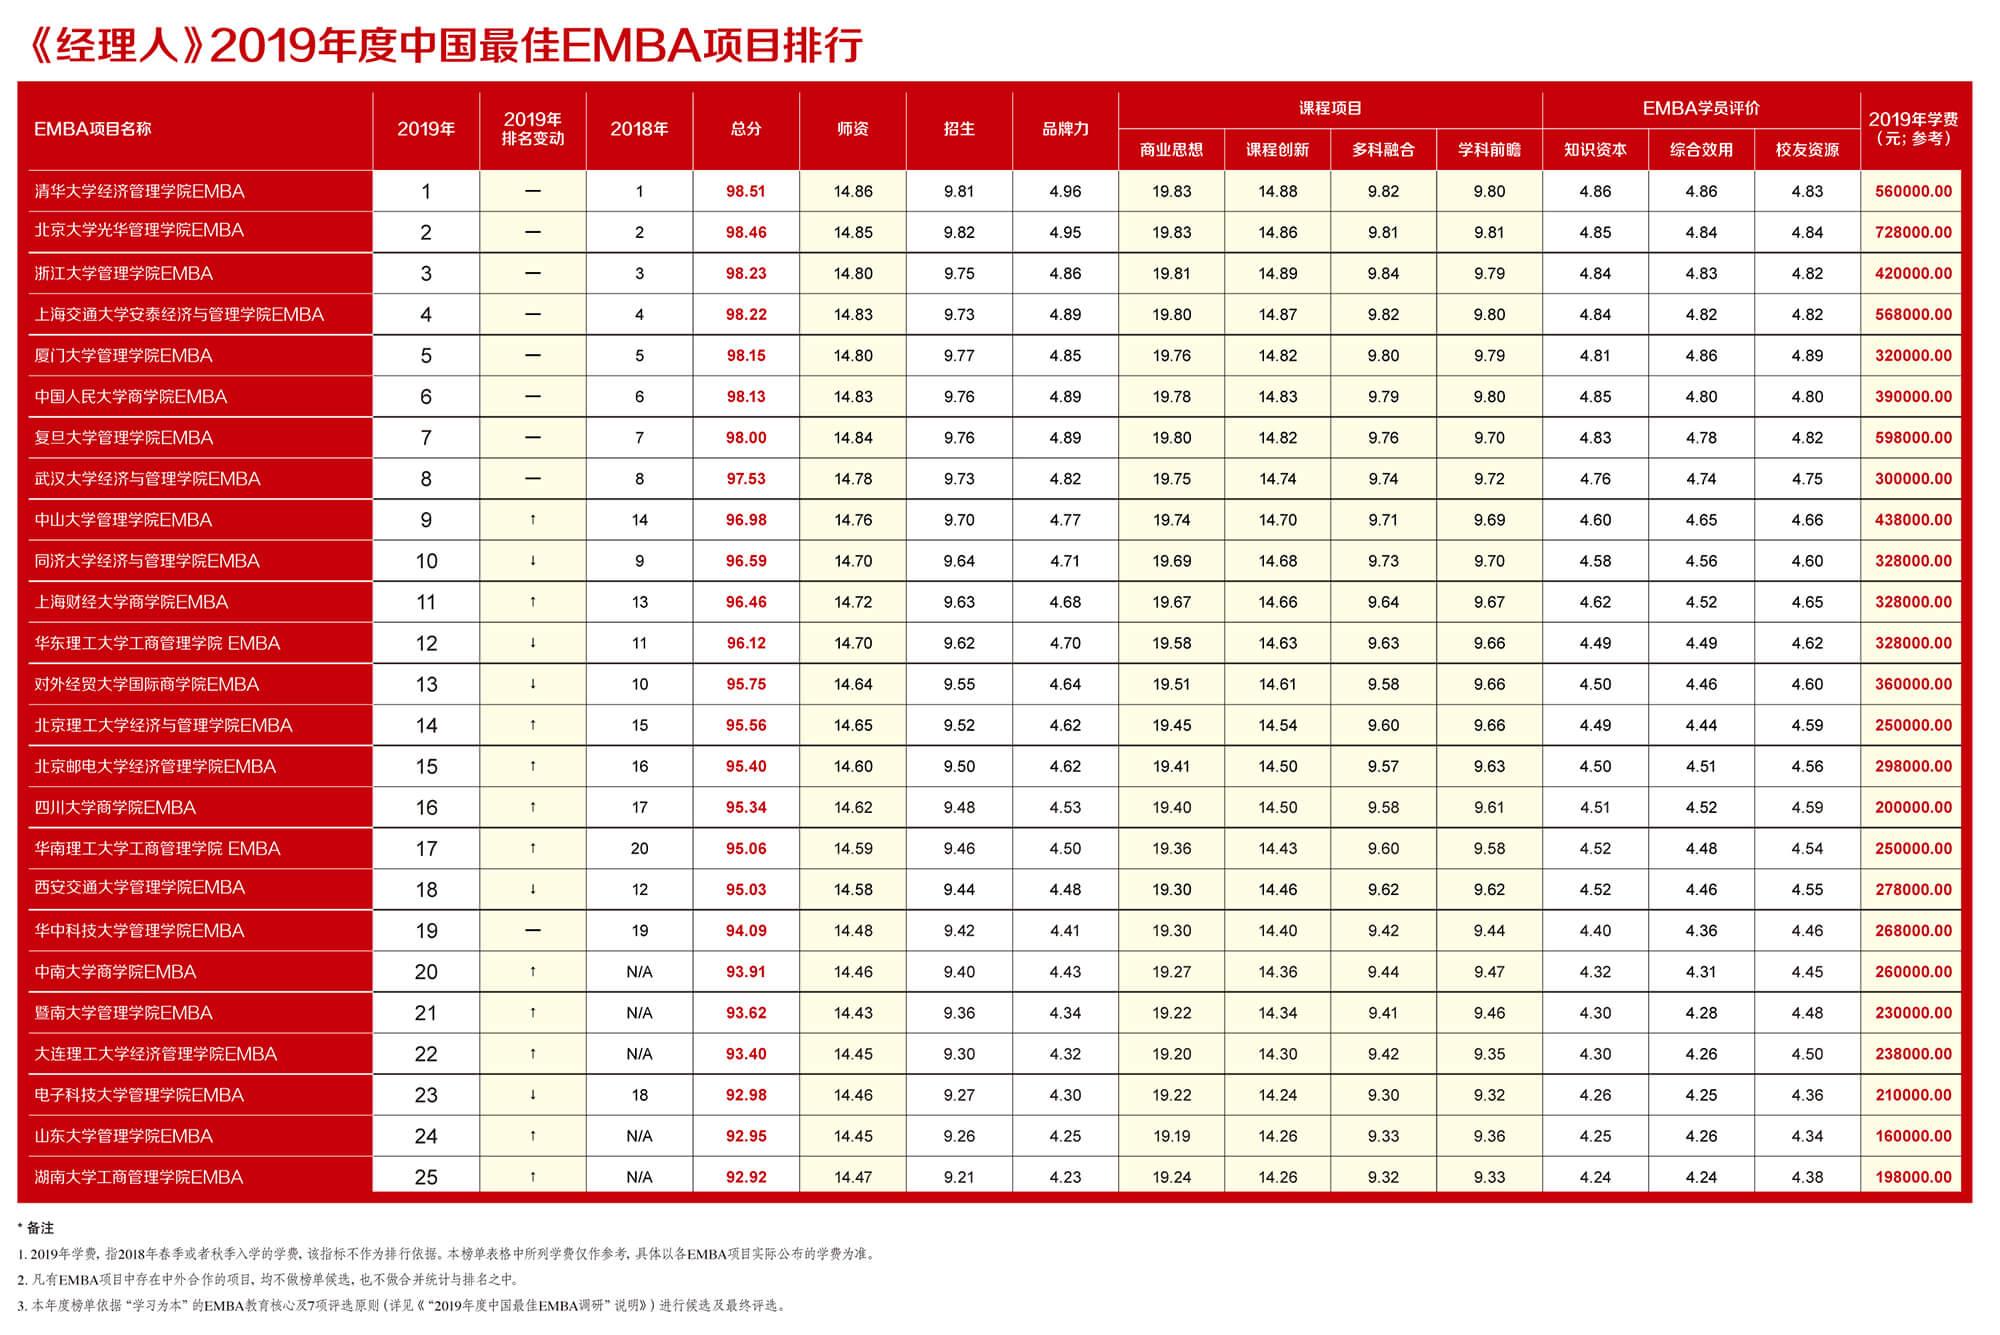 《经理人》2019年度中国最佳EMBA项目排行